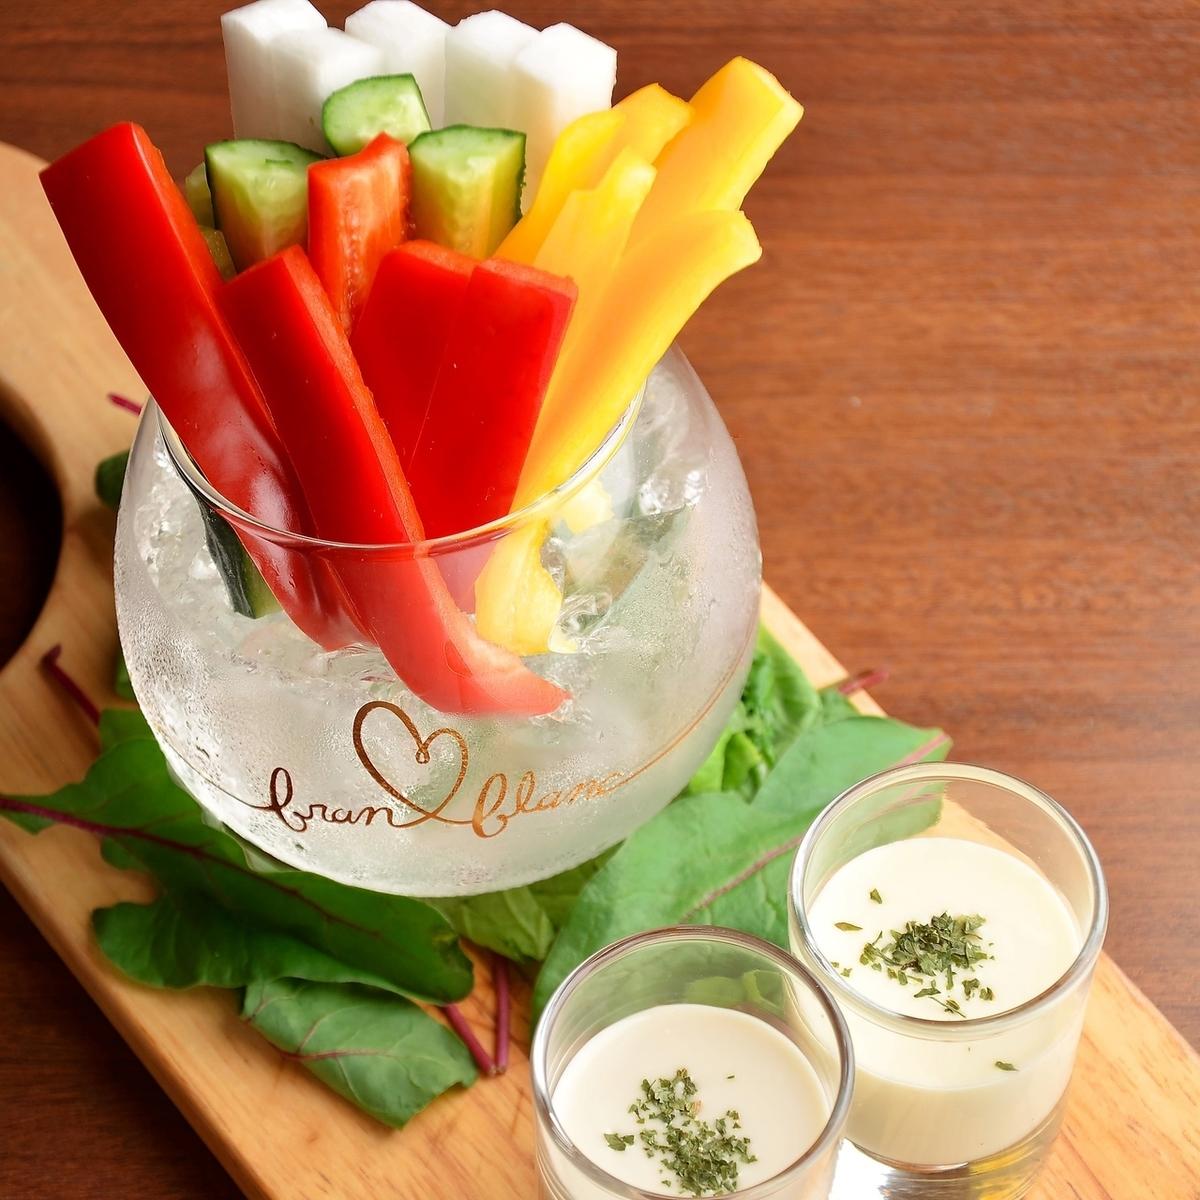 酒吧主食棒蔬菜Bagna cauda!